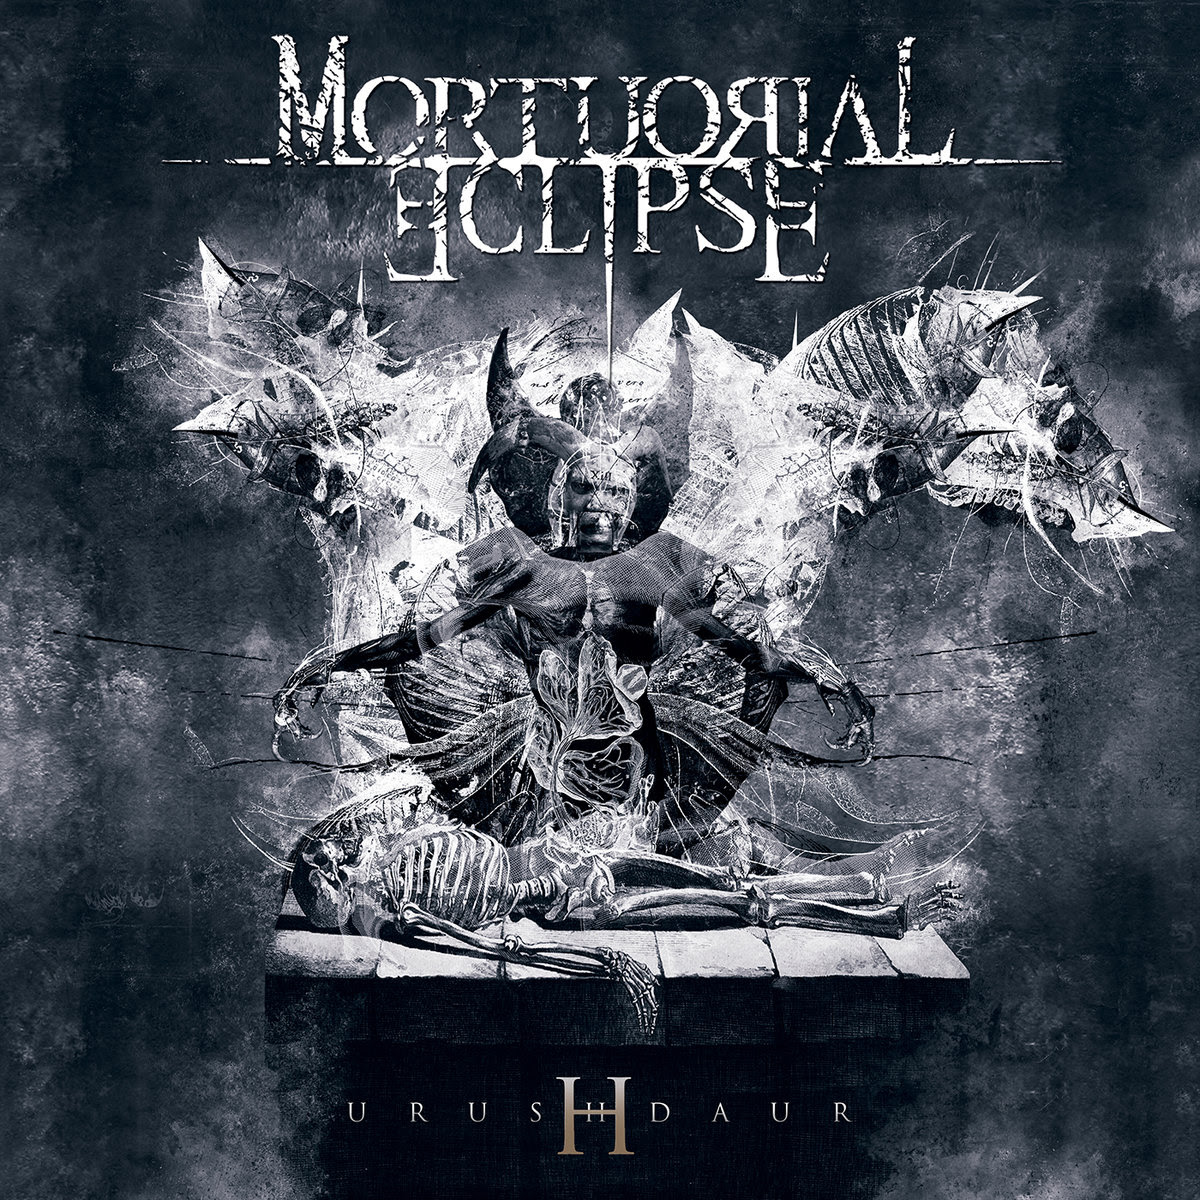 mortuorial-eclipse-cover